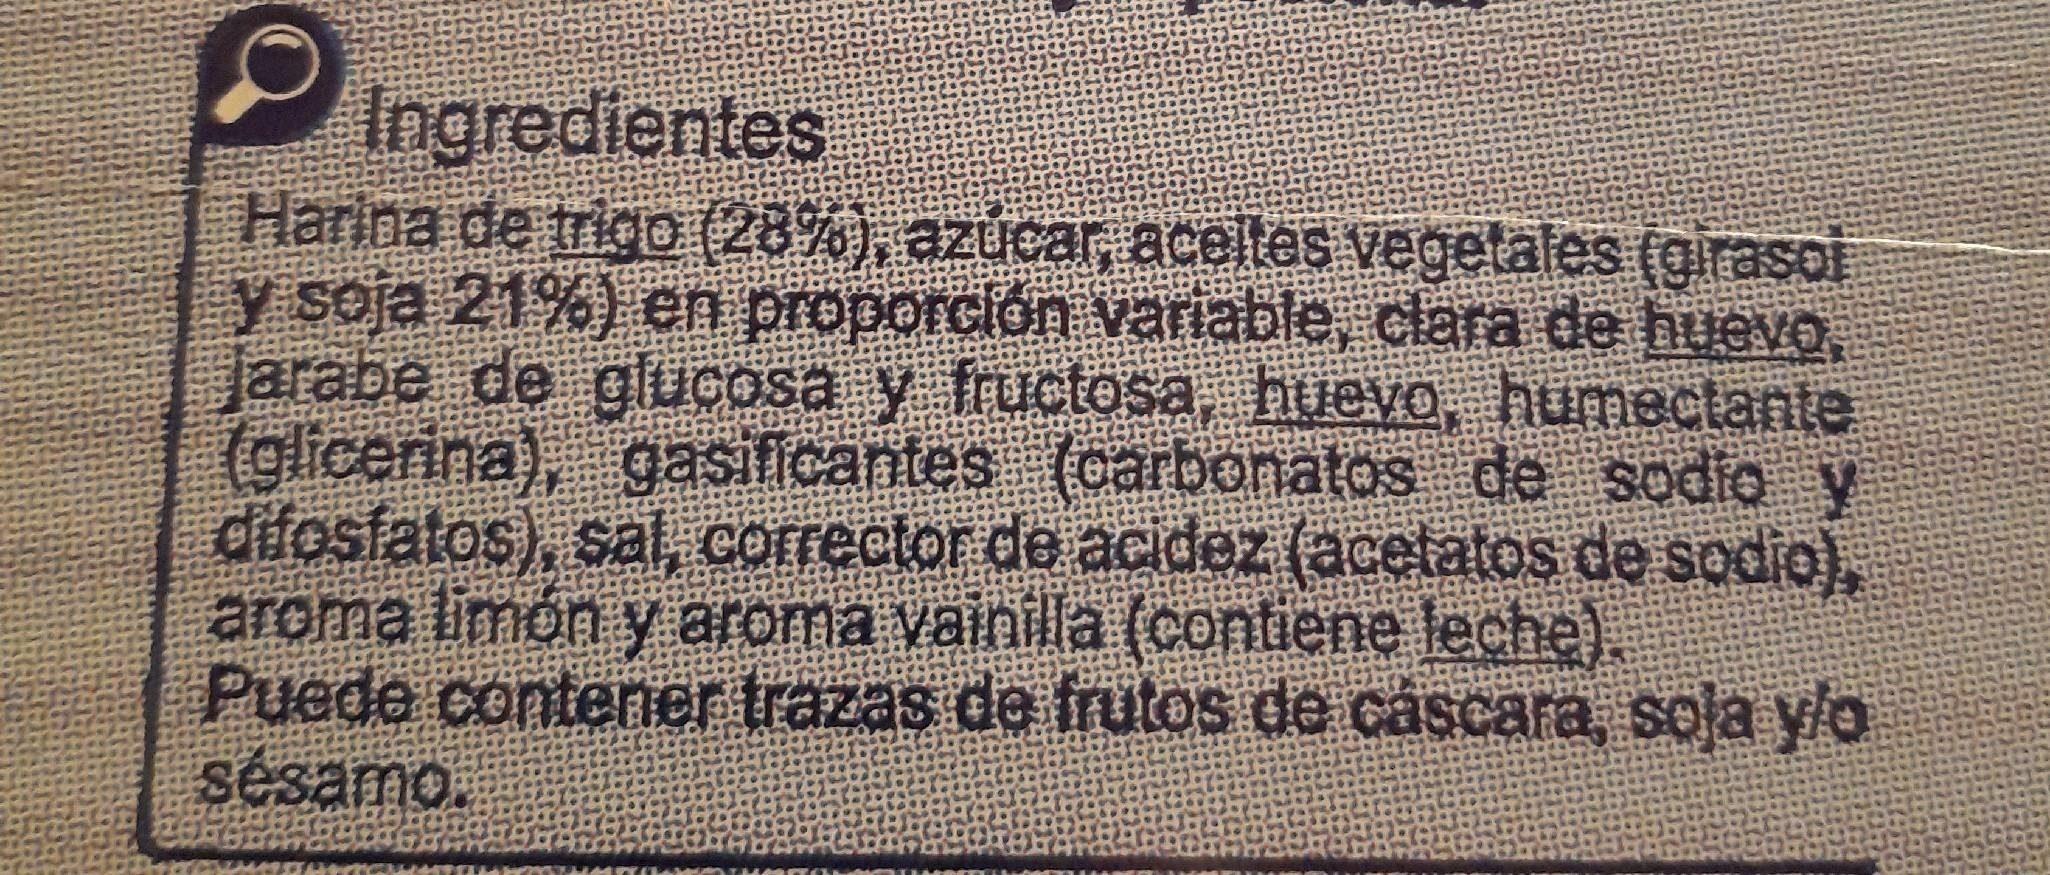 Magdalenas cuadradas - Ingredientes - es